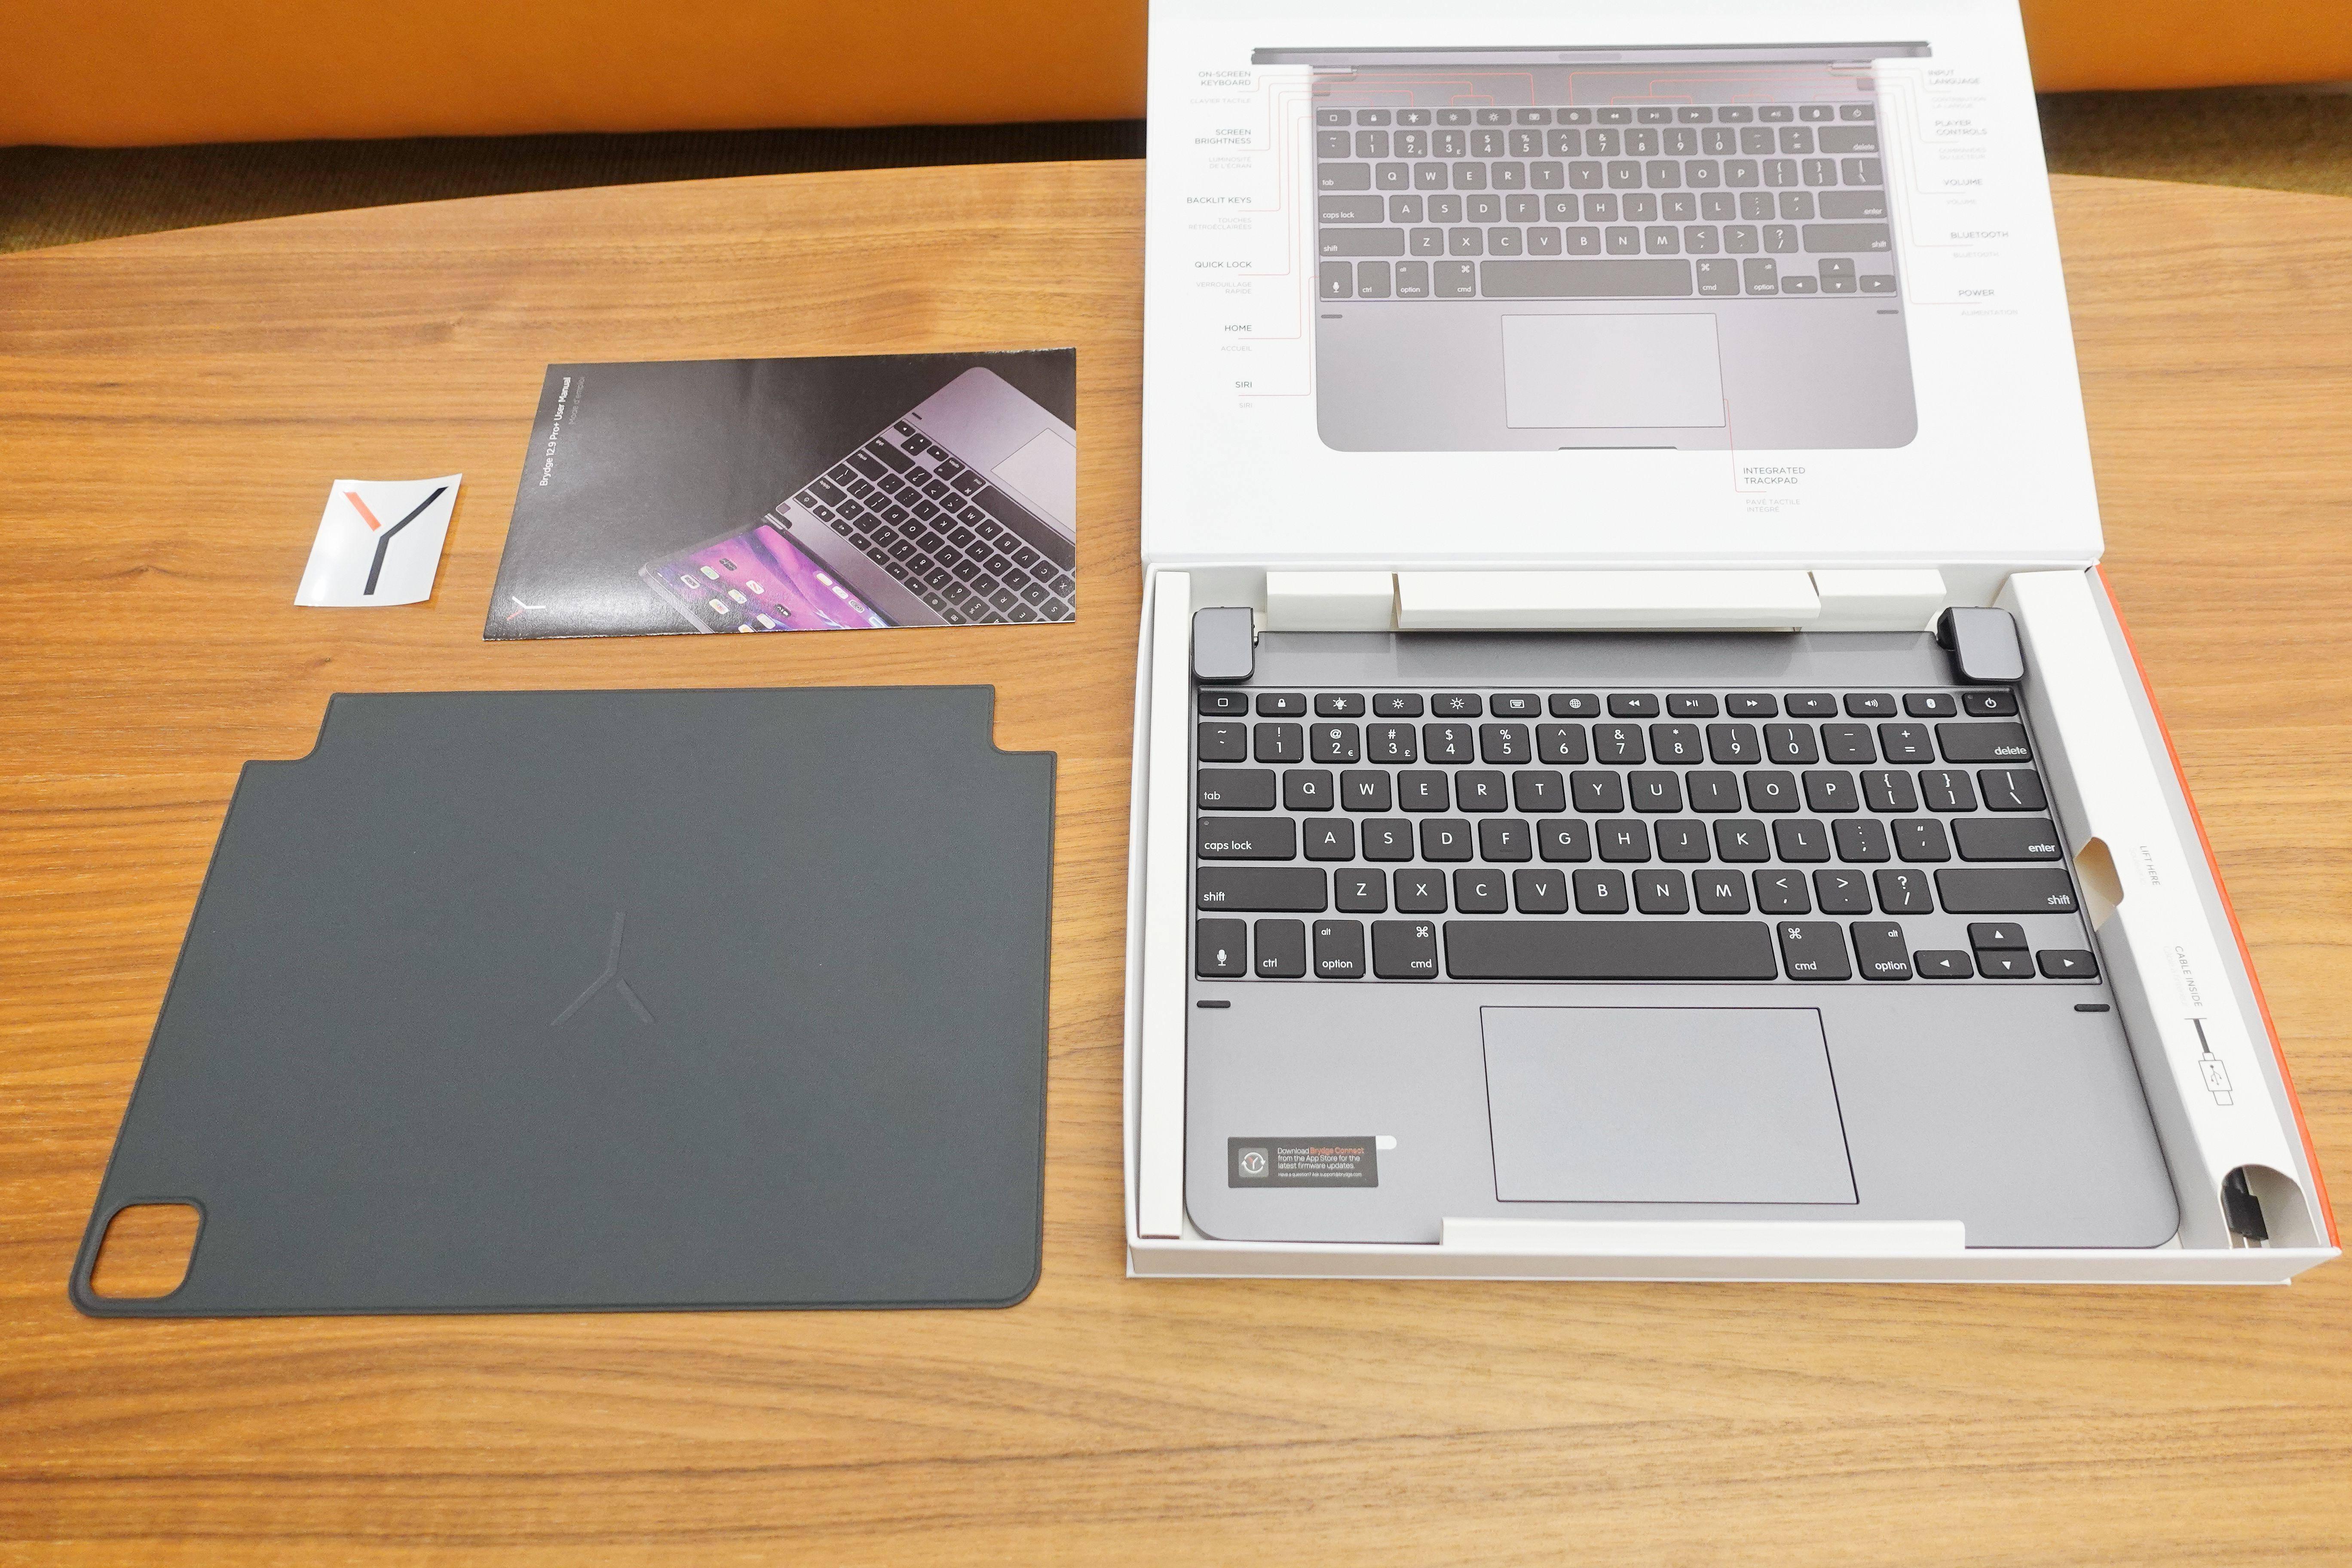 iPad Pro妙控键盘的平价替代品:Brydge Pro+ 上手体验